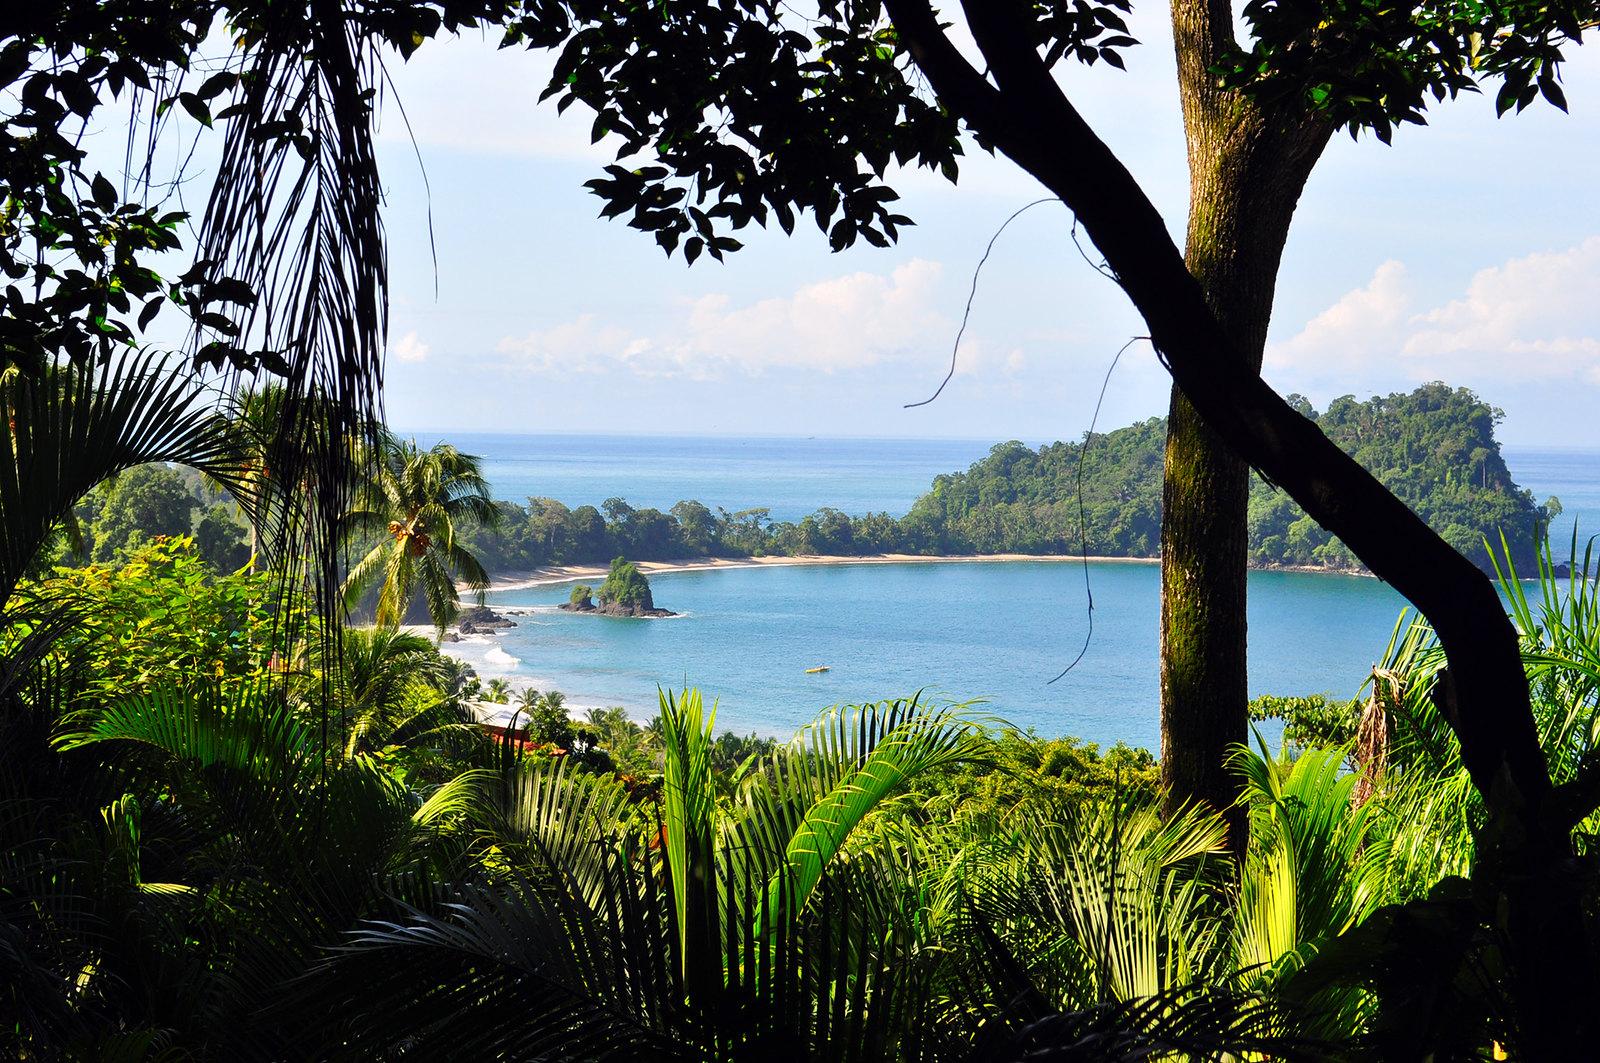 Viajar a Costa Rica / Ruta por Costa Rica en 3 semanas ruta por costa rica - 38248970321 e22eab51ab h - Ruta por Costa Rica en 3 semanas